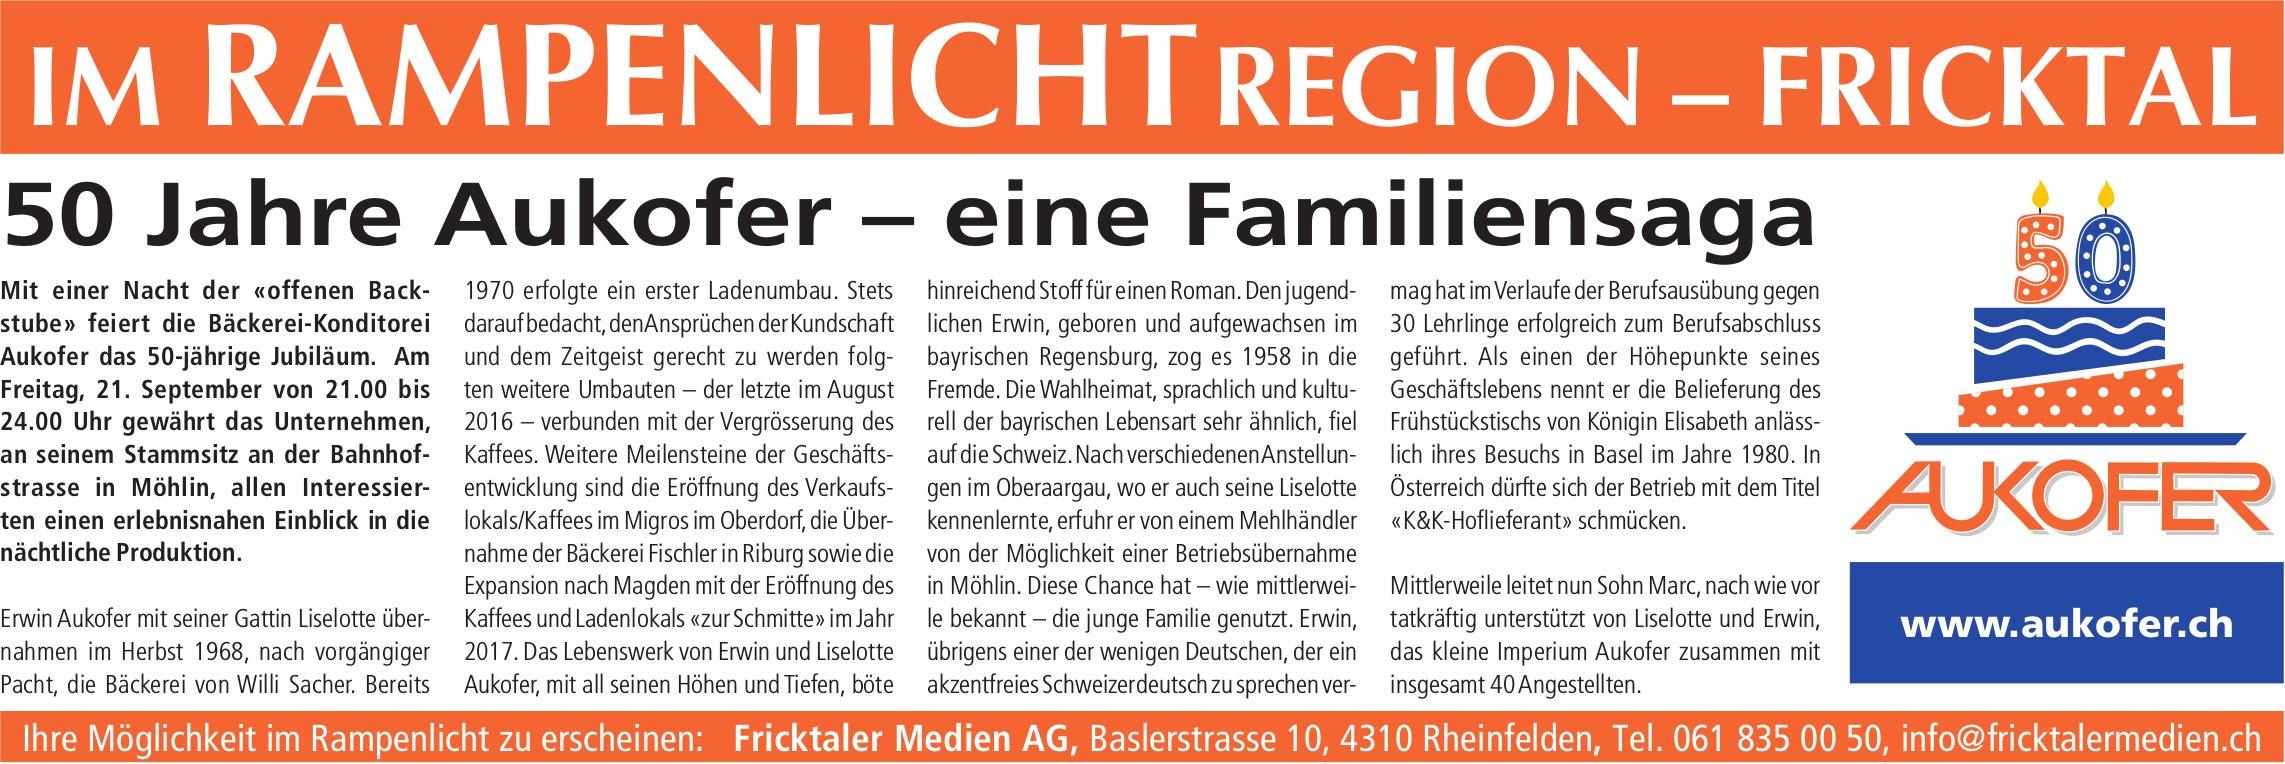 IM RAMPENLICHT REGION – FRICKTAL - 50 Jahre Aukofer: eine Familiensaga